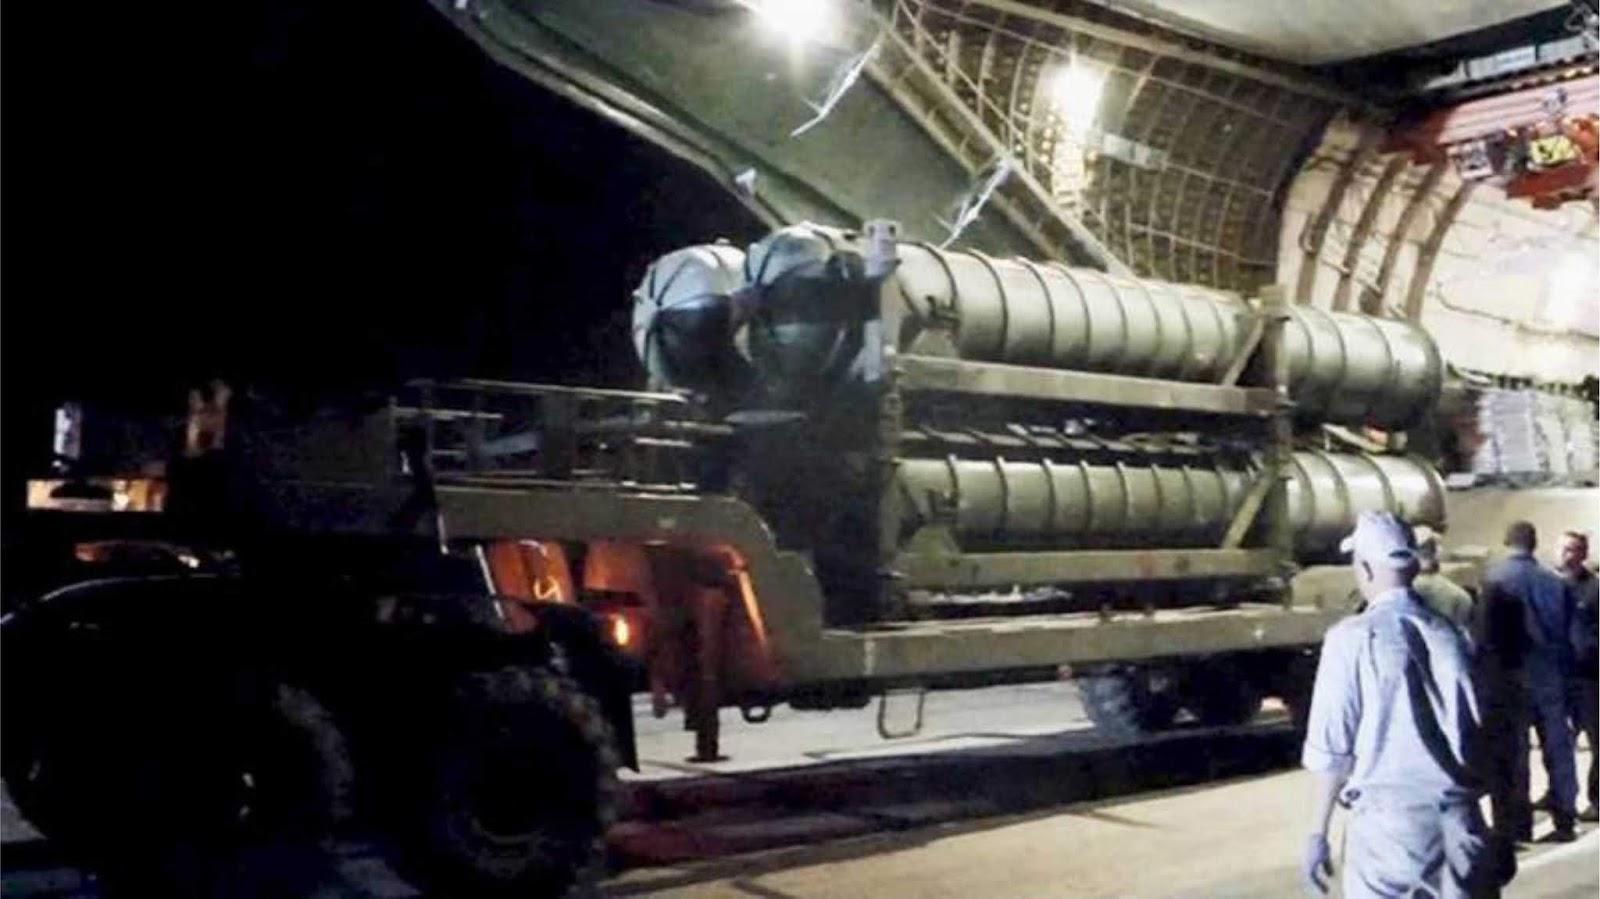 Suriah menerima tambahan 3 resimen sistem pertahanan udara S-300PM-2